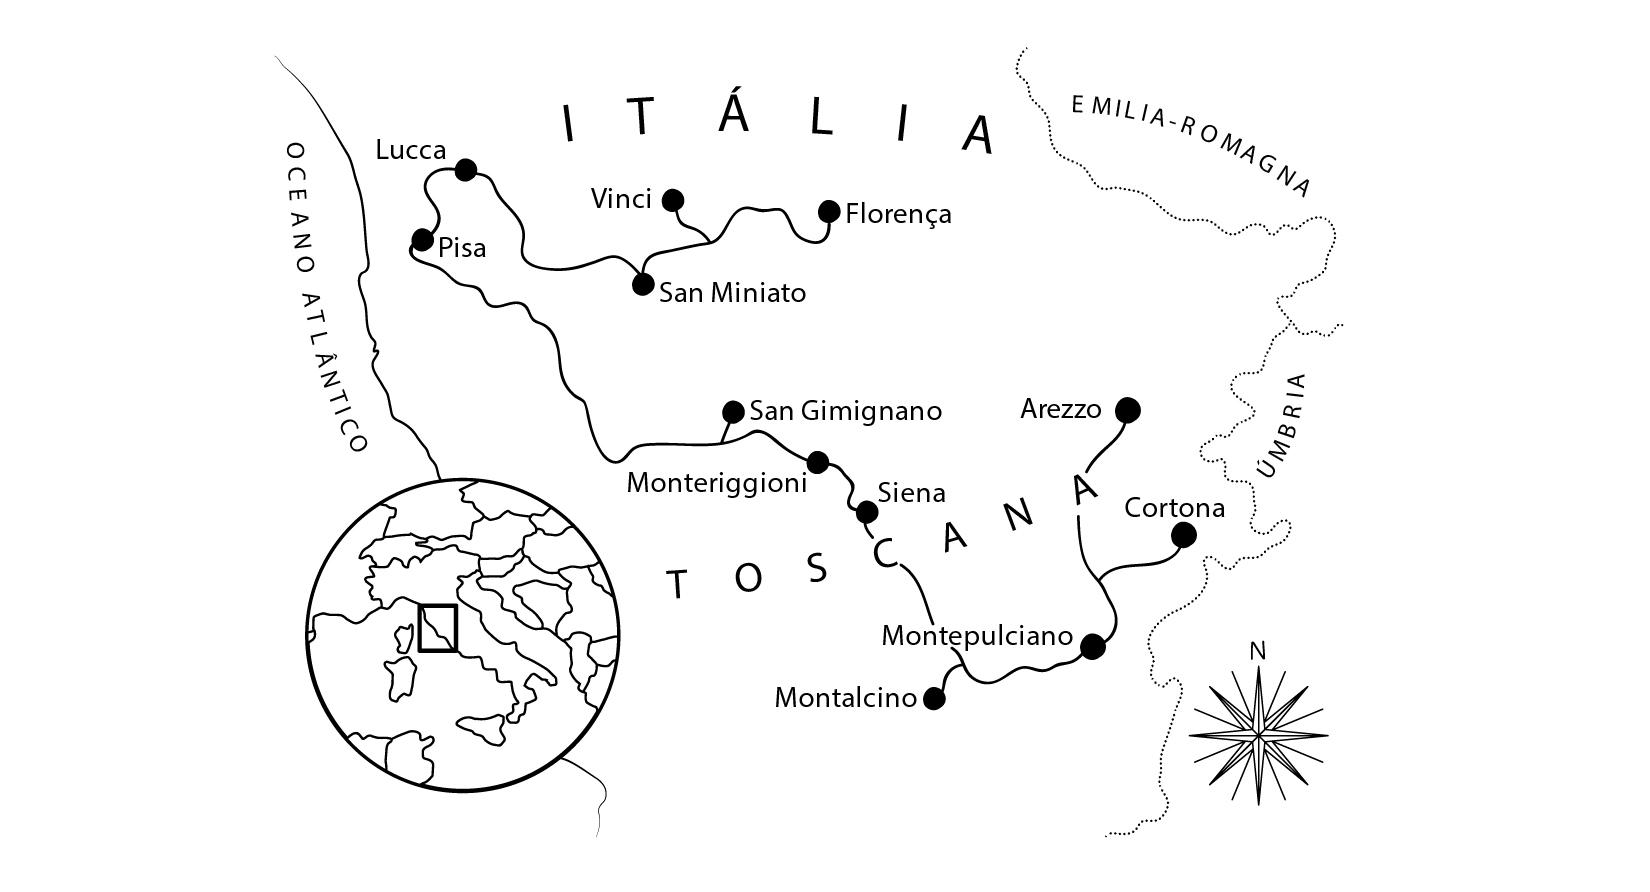 Mapa do roteiro pela Toscana